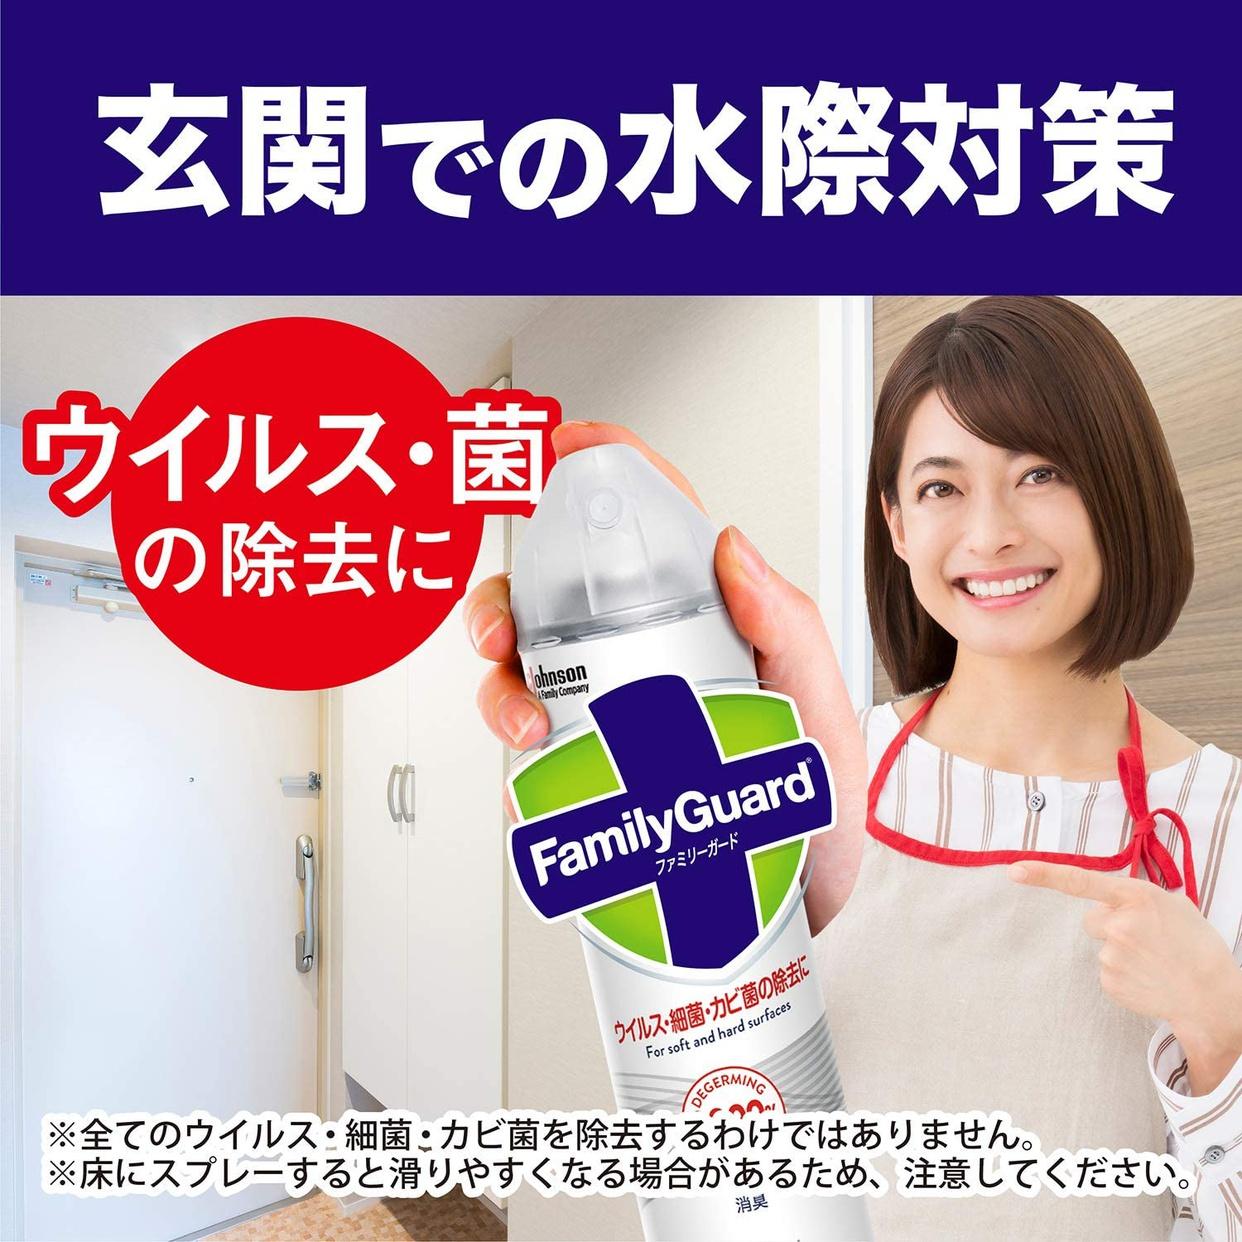 family Guard(ファミリーガード) 除菌スプレーの商品画像2